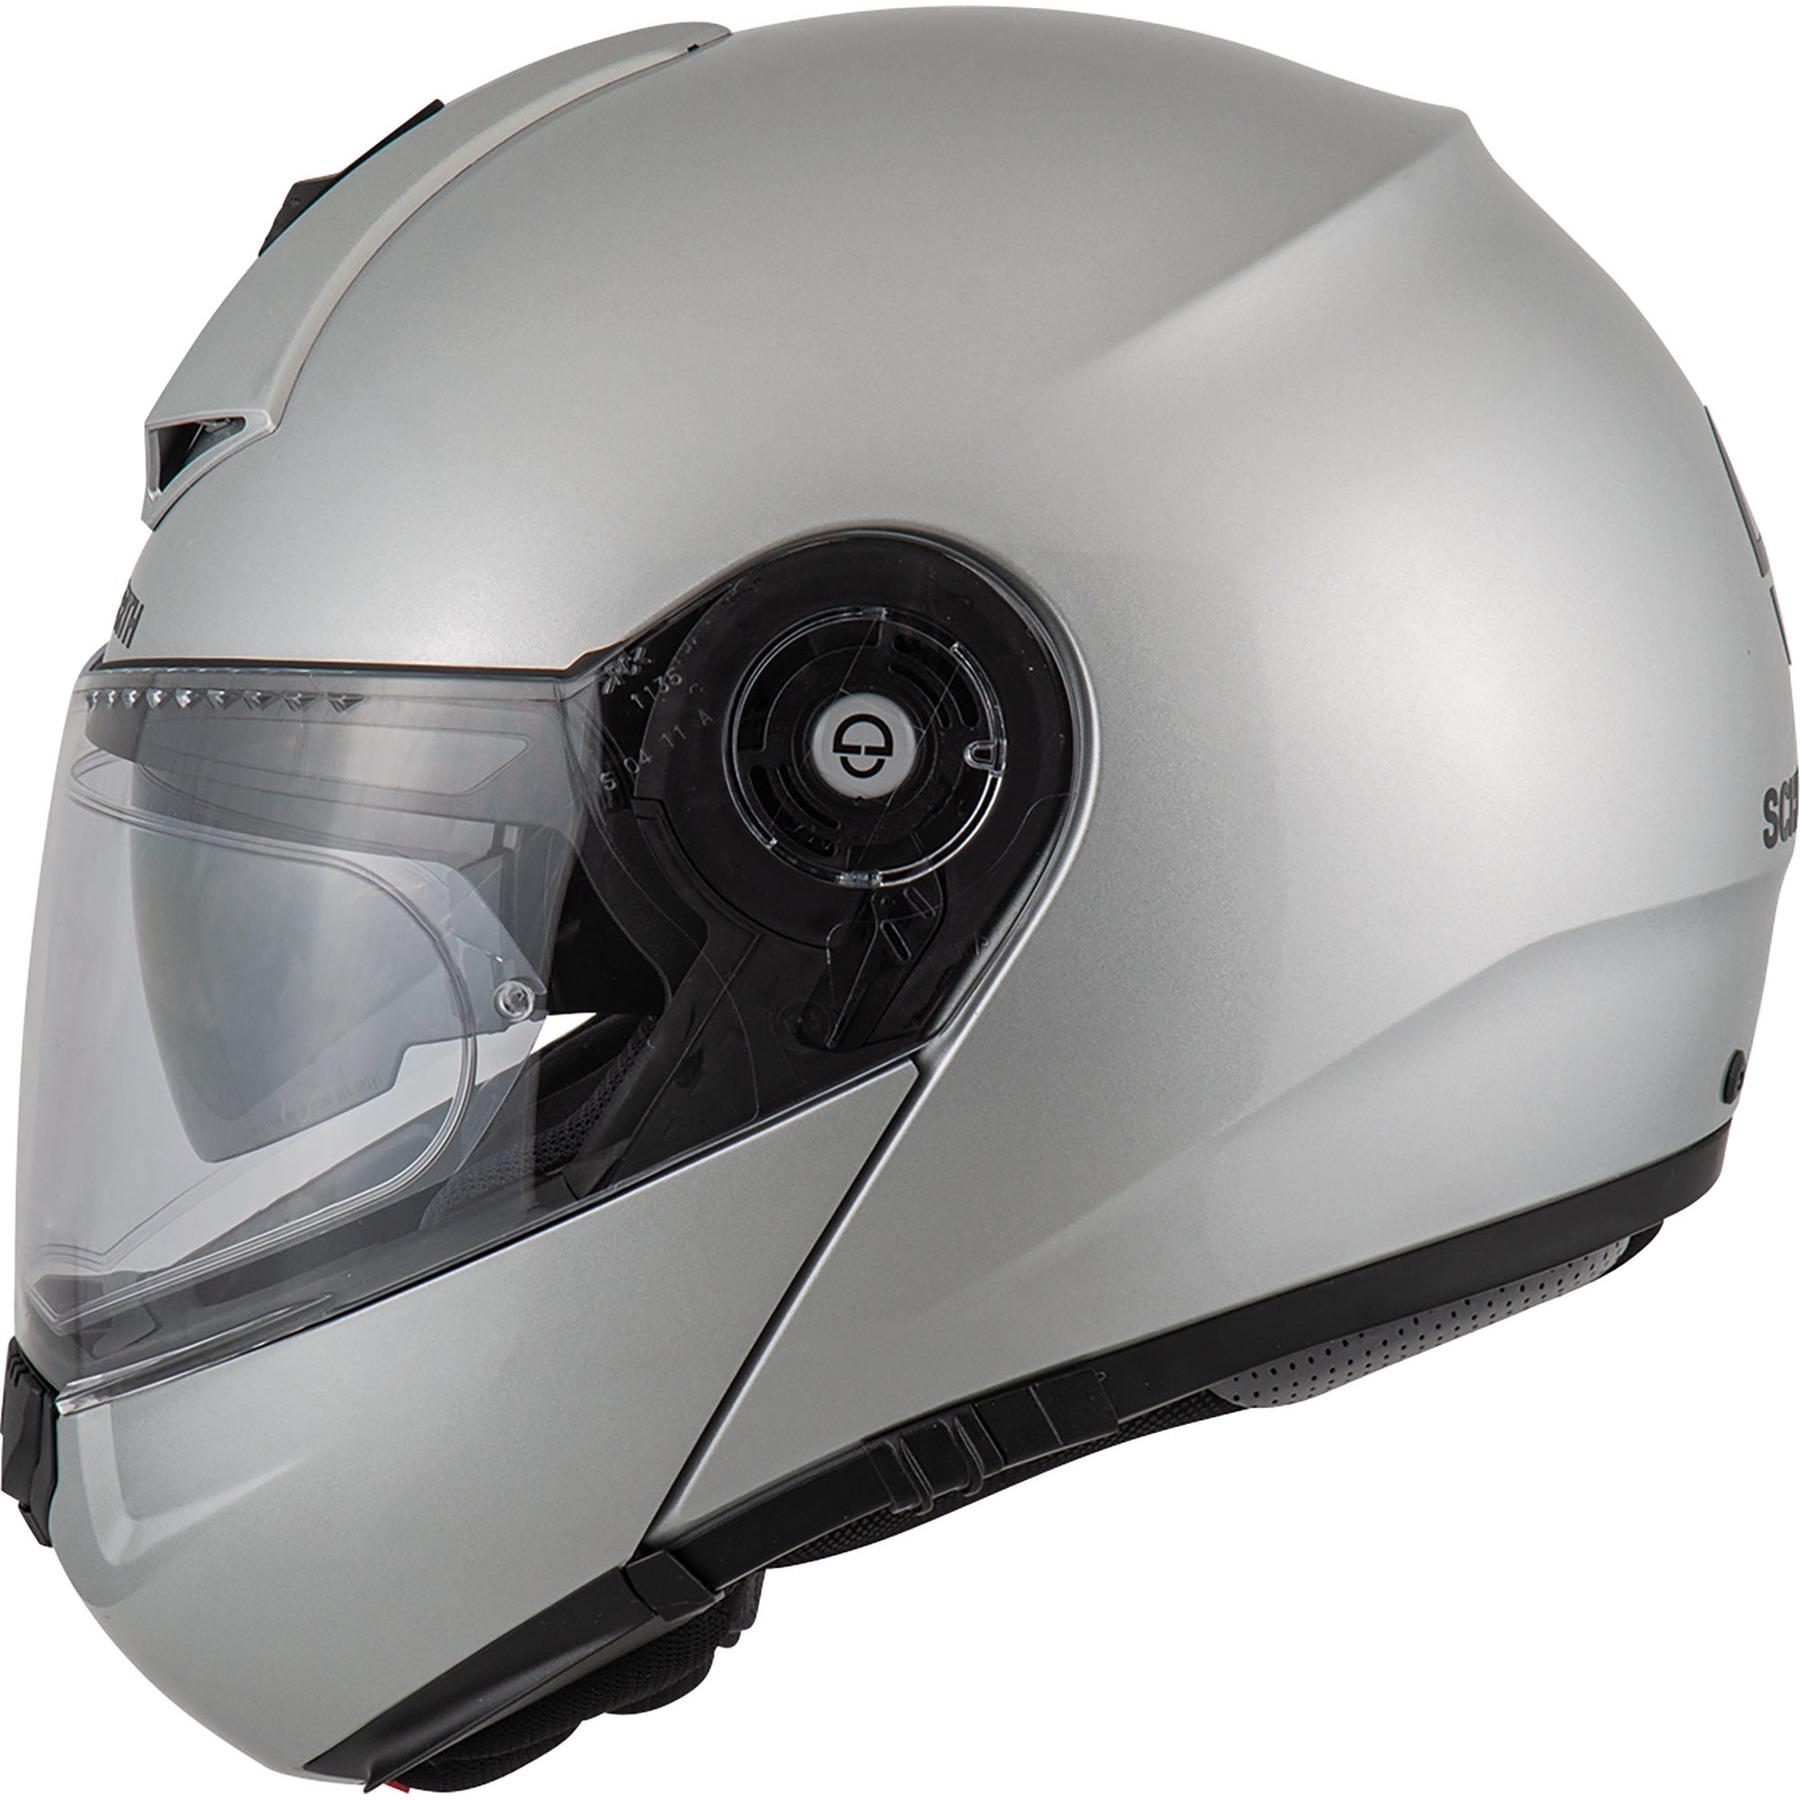 Schuberth Protezione collo per Casco Moto C3 Accessori Ricambi